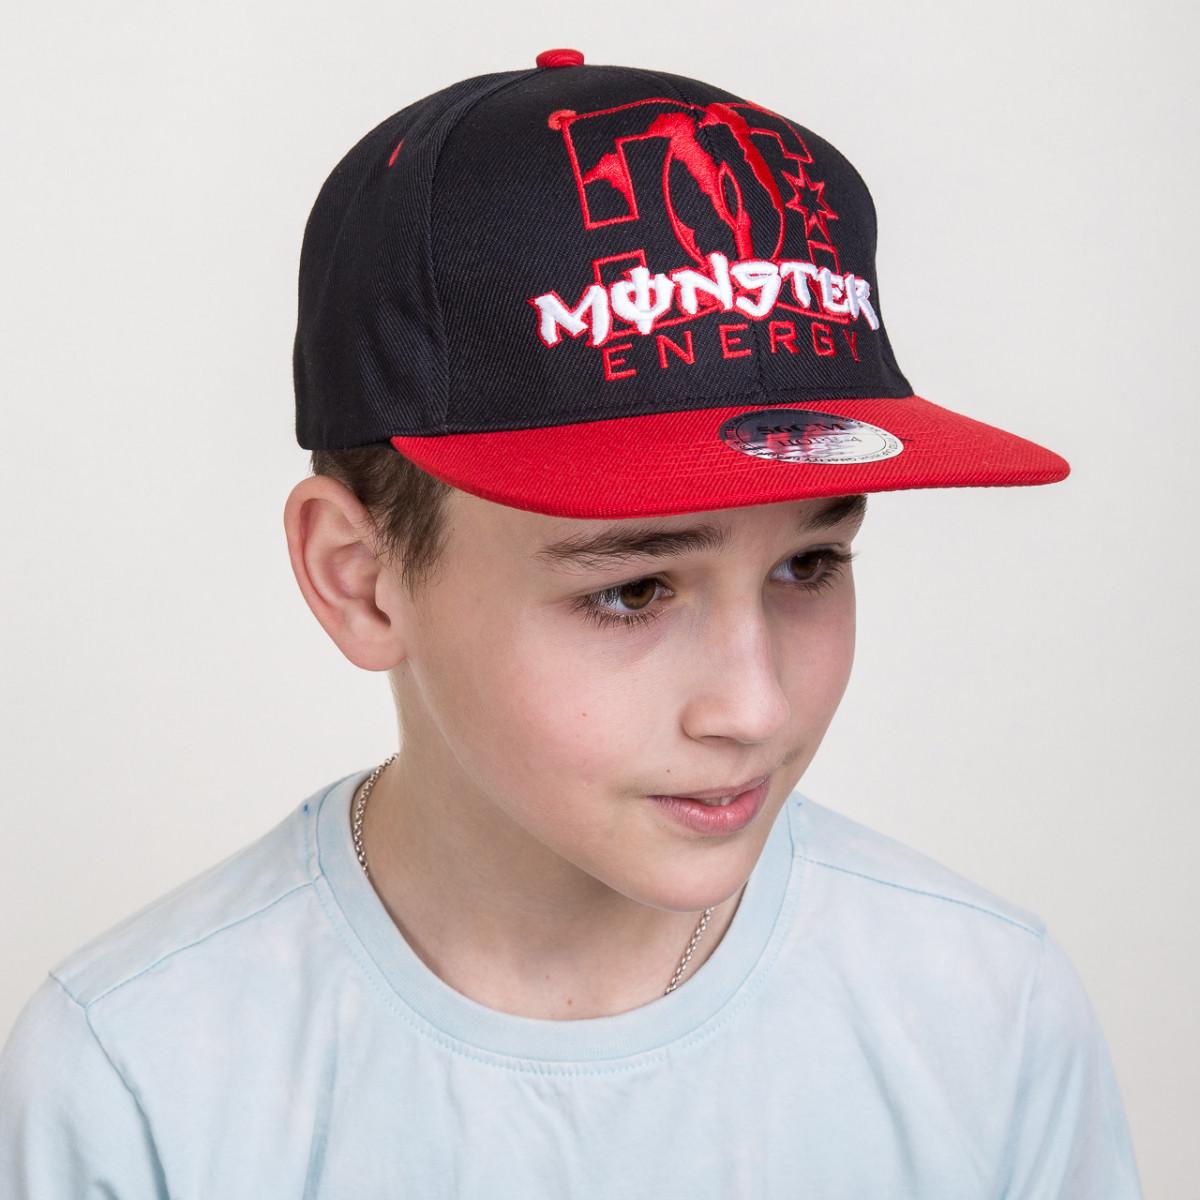 Кепка Snapback для мальчика от производителя - Monster - Б07